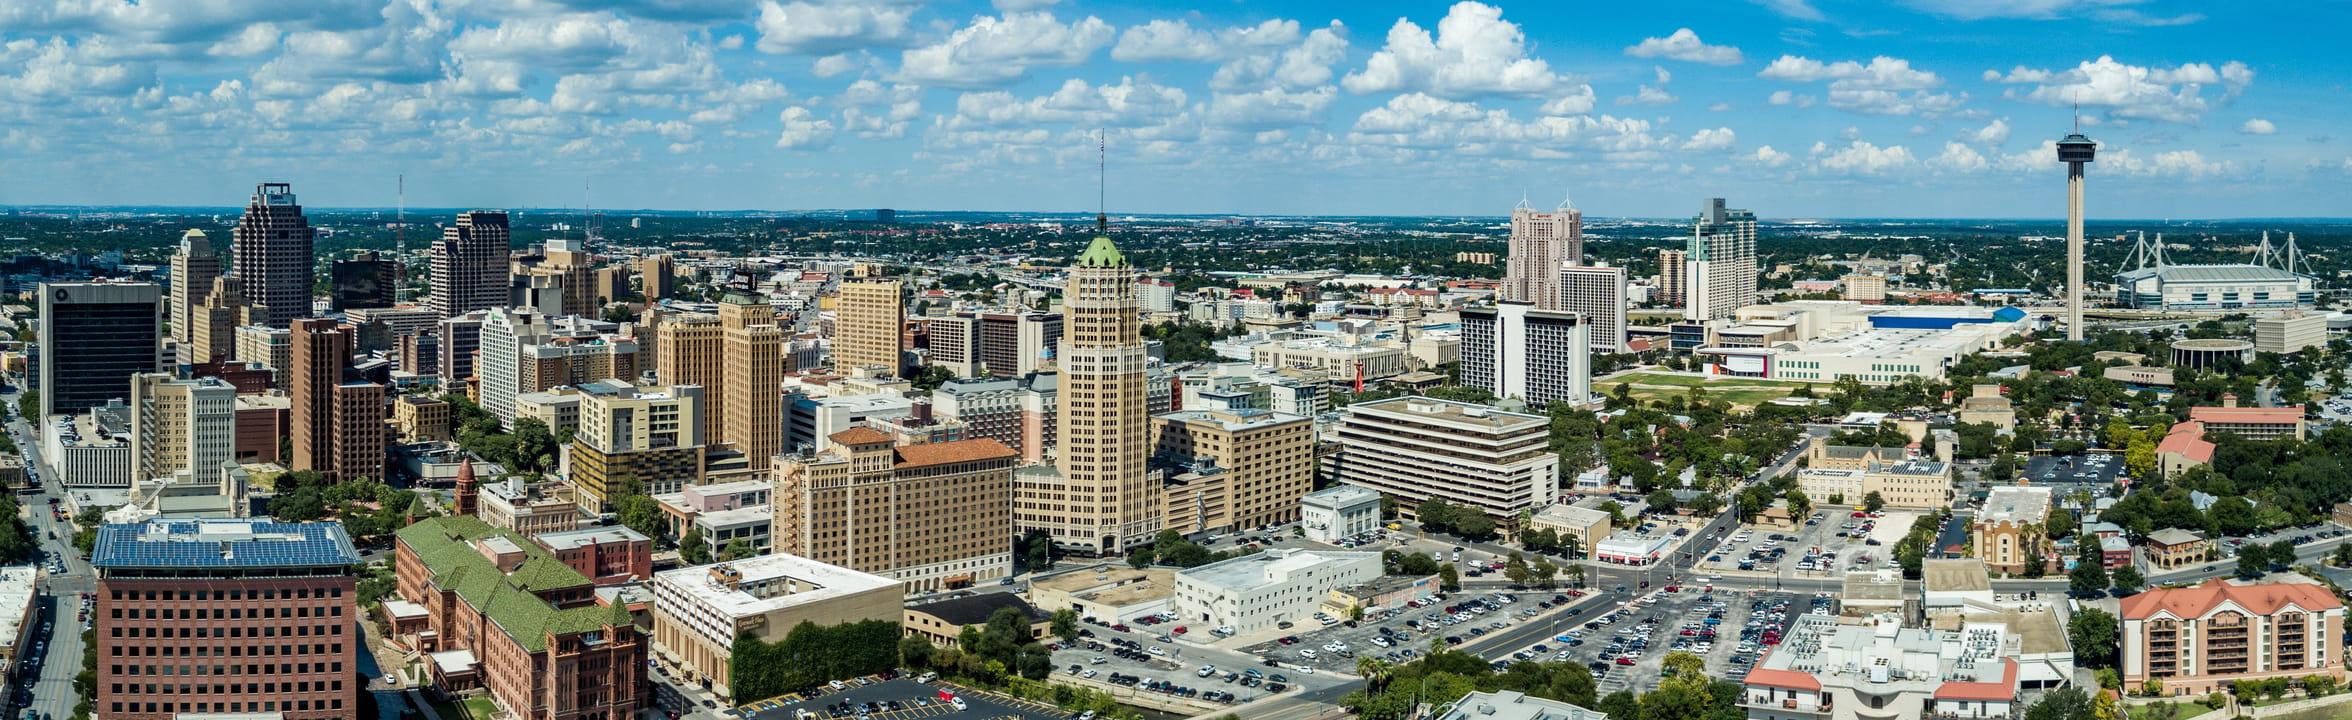 San Antonio (image)